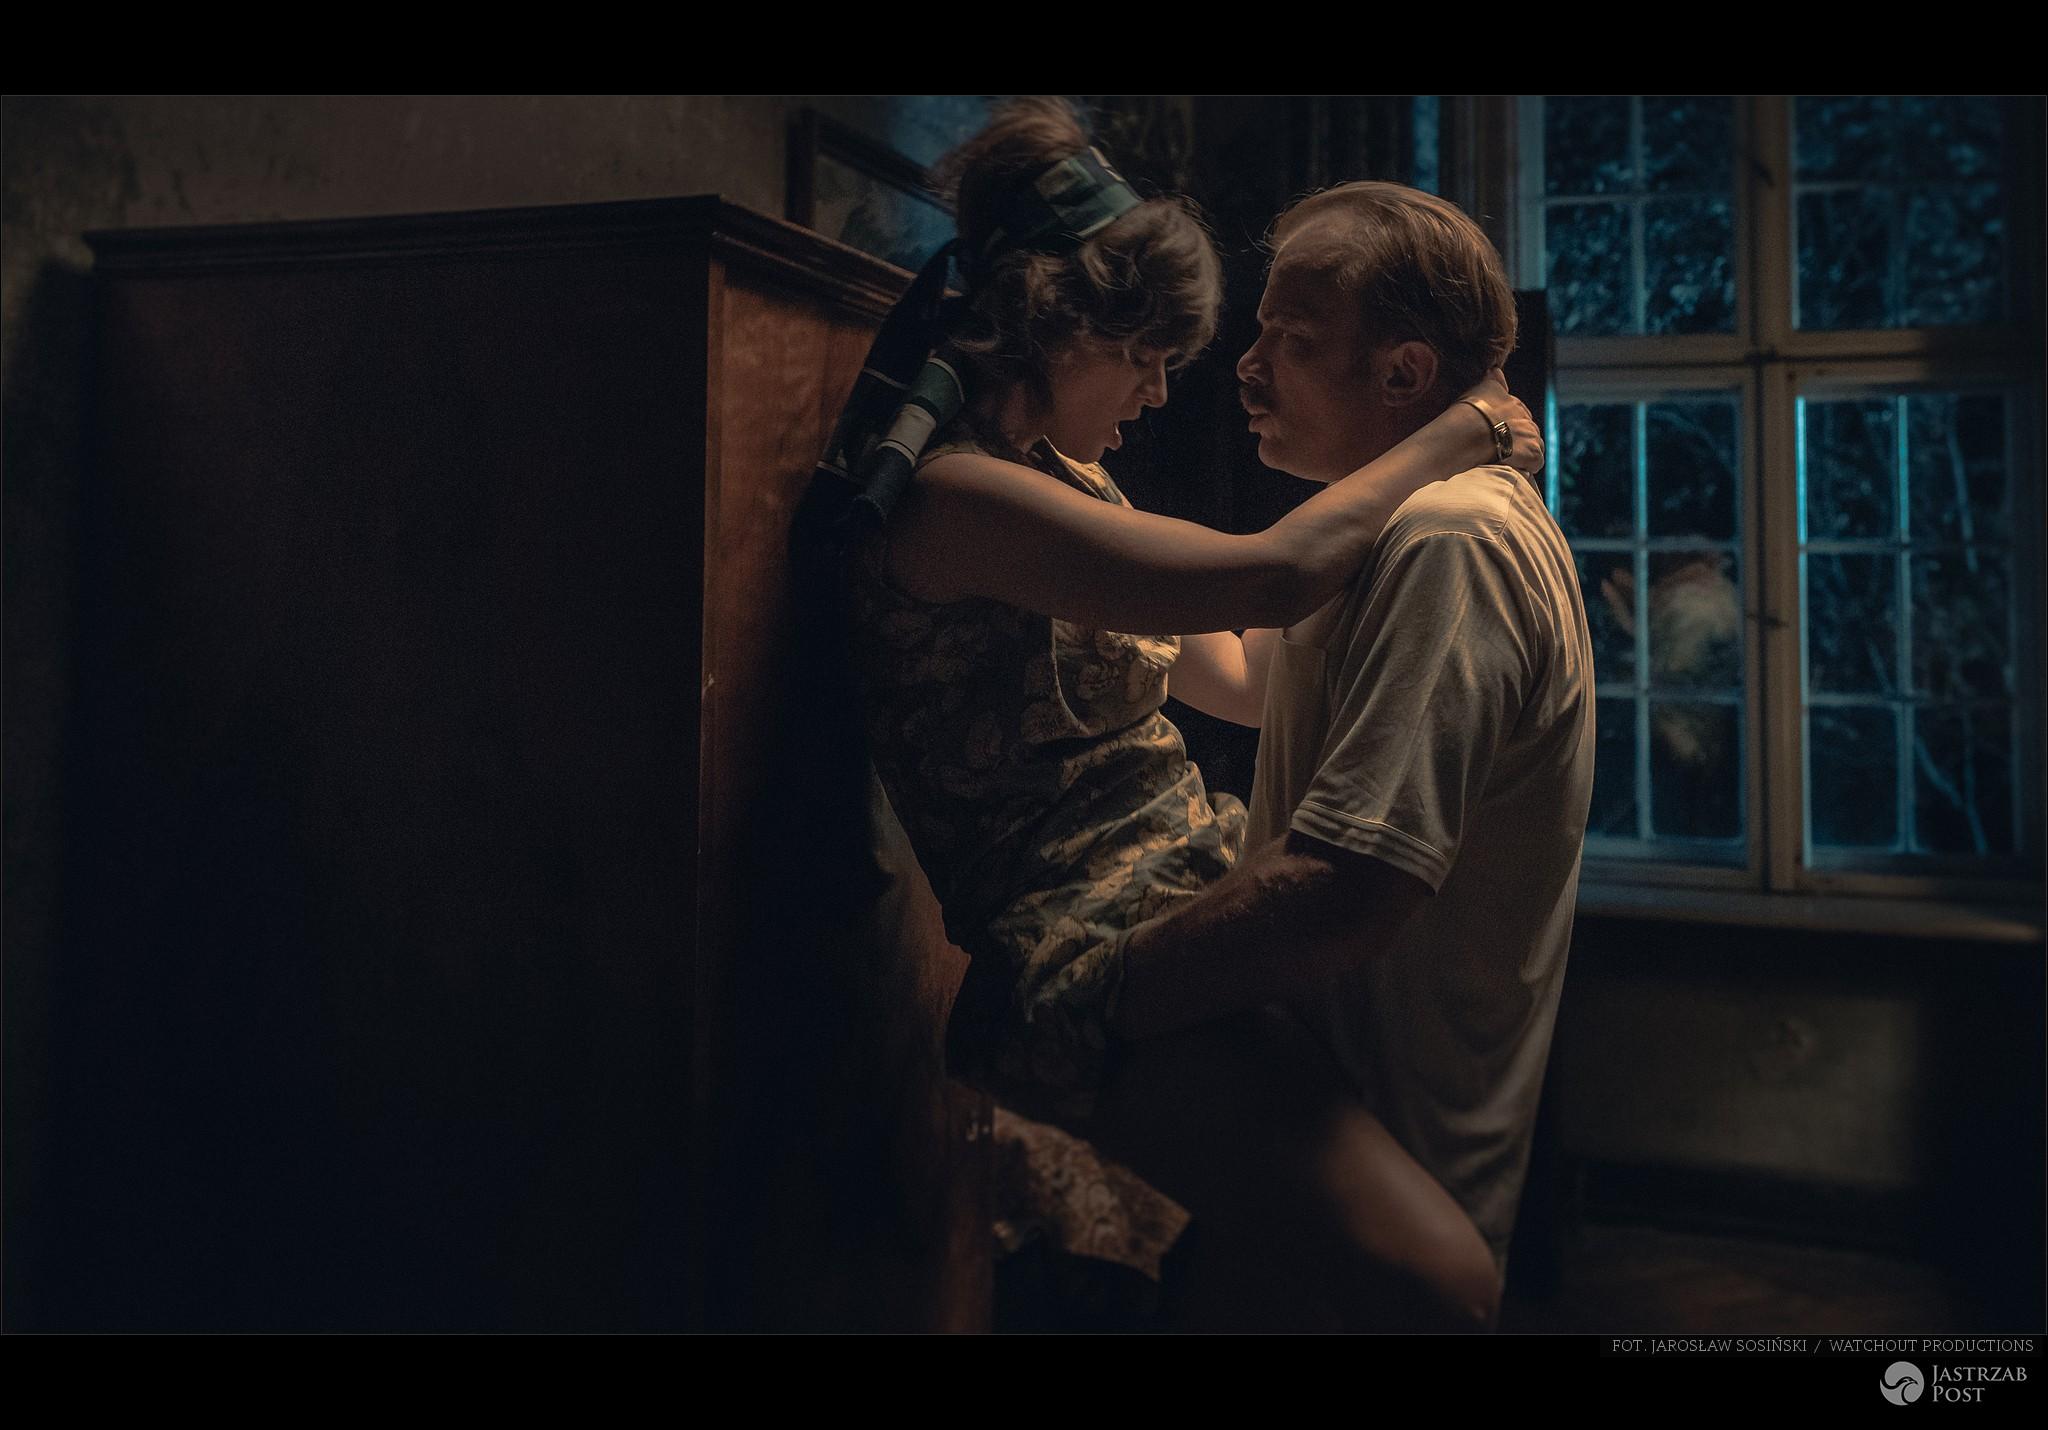 Zwiastun filmu Sztuka kochania. Zdjęcia 2017, fotki, kiedy w kinach, kto zagra